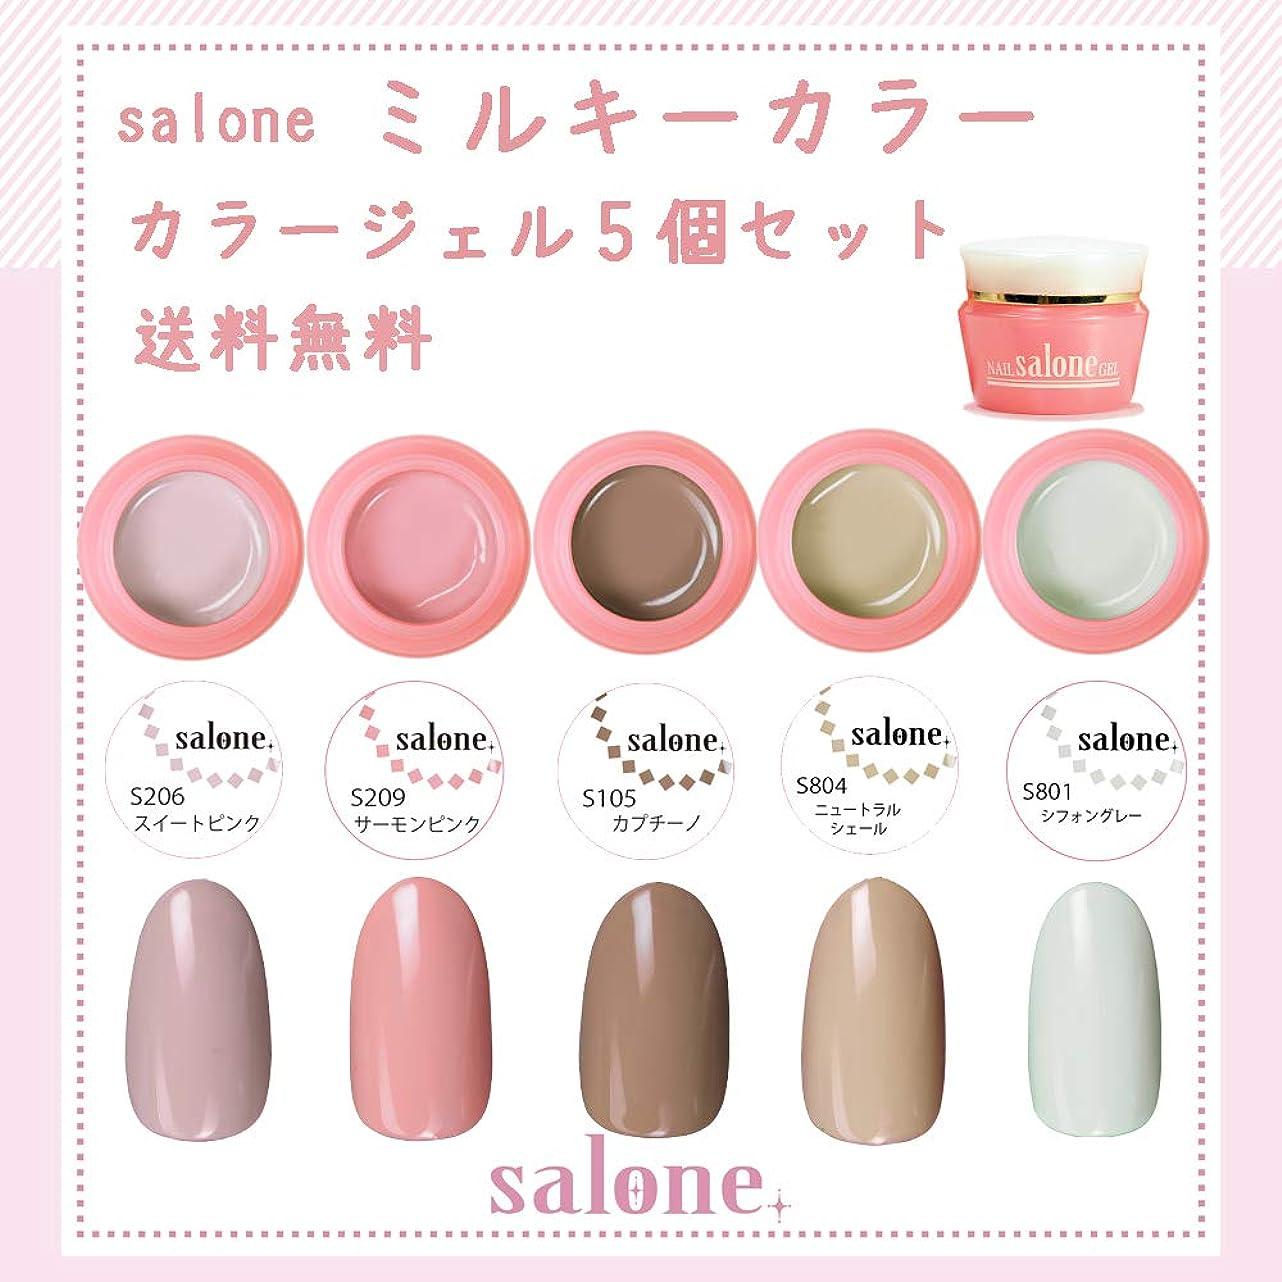 評決デザート必要とする【送料無料 日本製】Salone ミルキーカラージェル5個セット 暖かく大人可愛いトレンドカラー